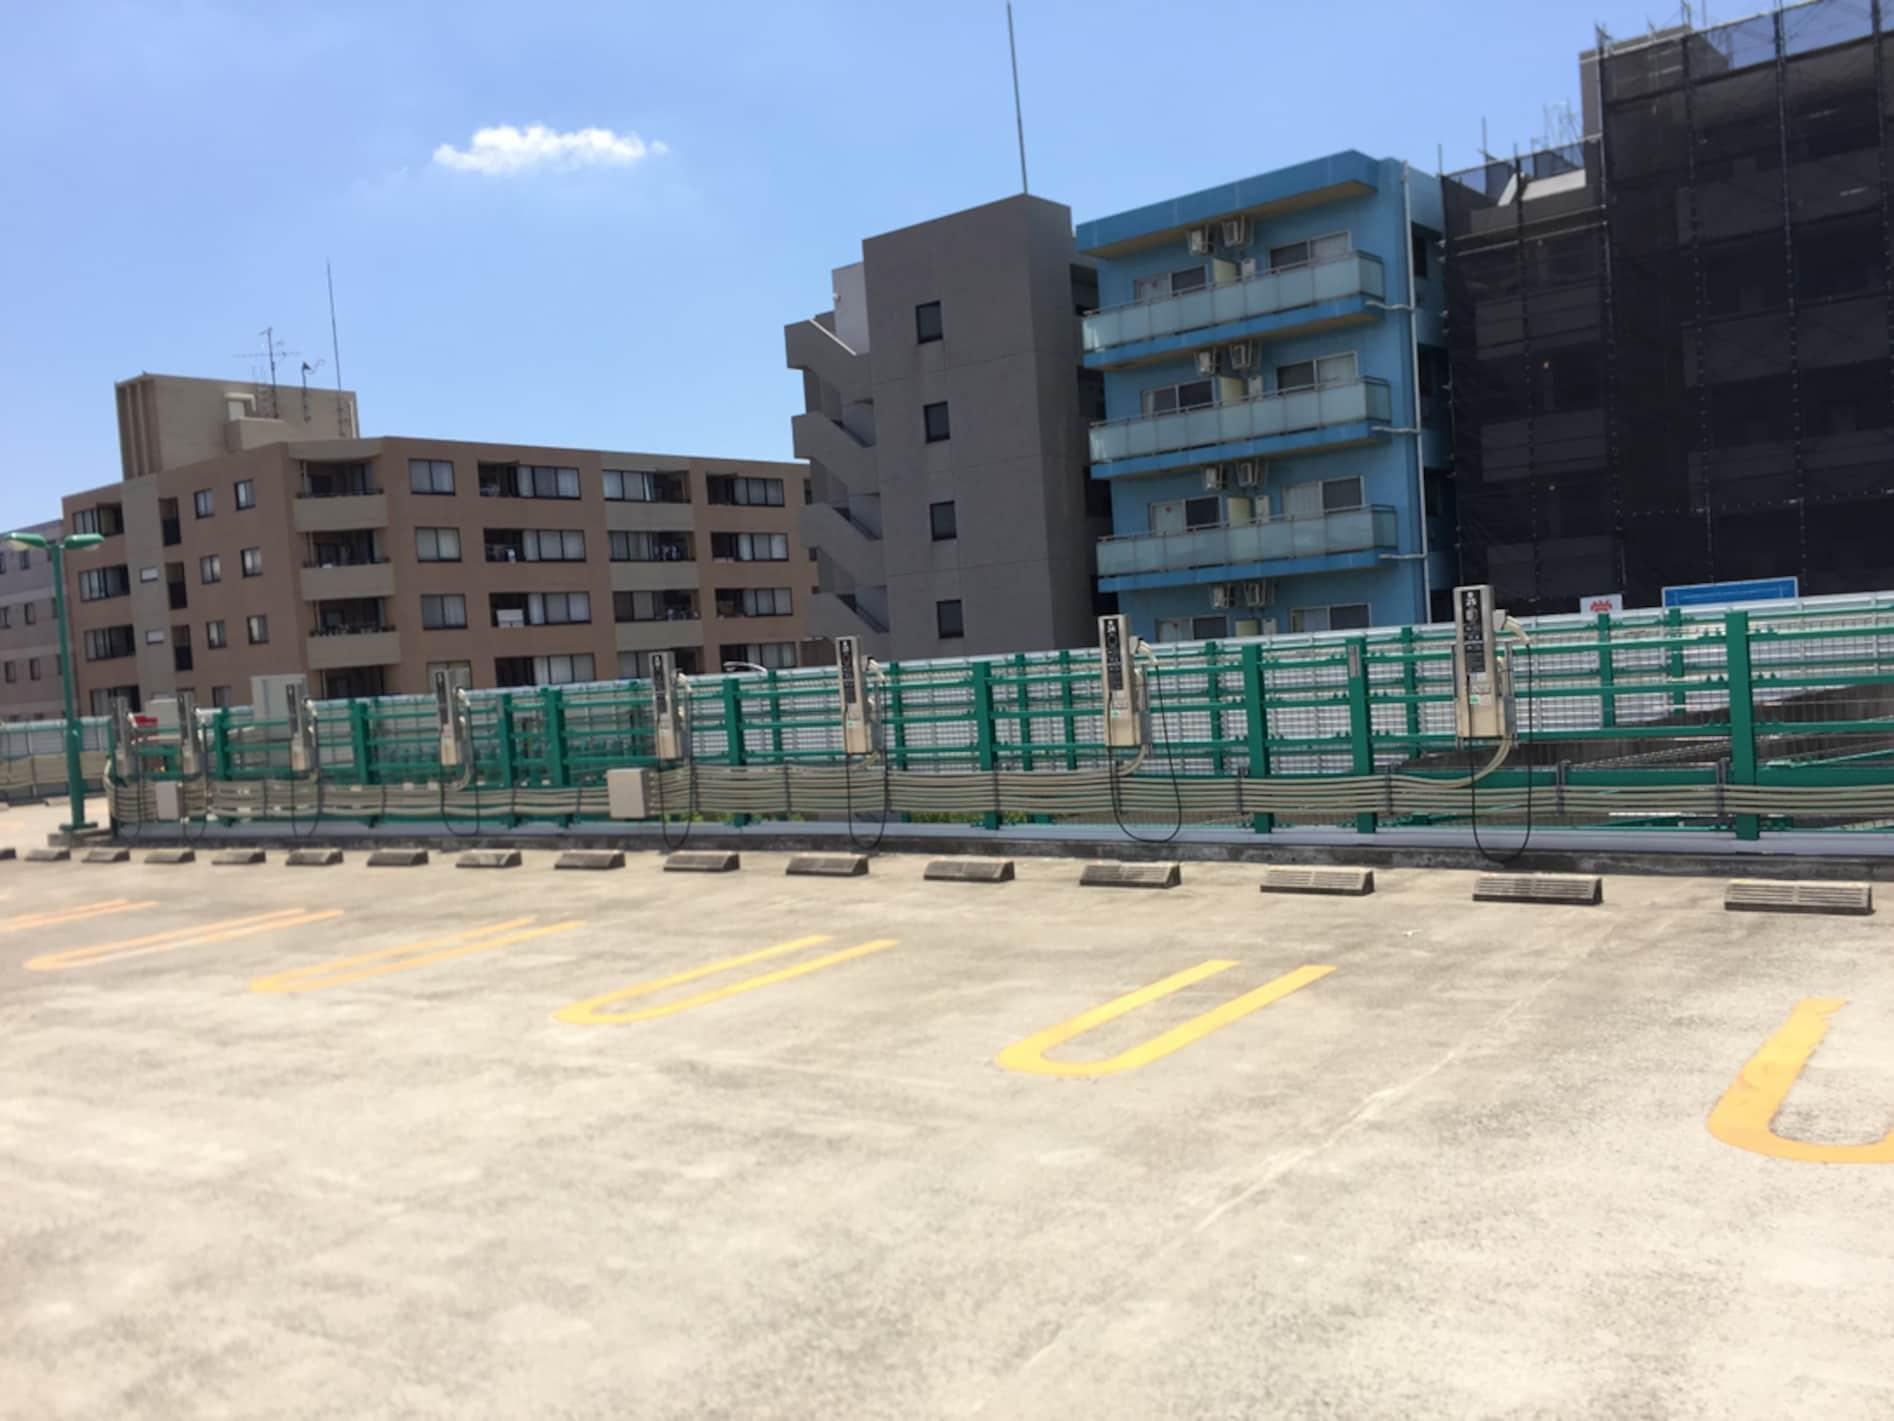 商業施設にホテルや病院…EV用駐車場ってちょっと多すぎない?